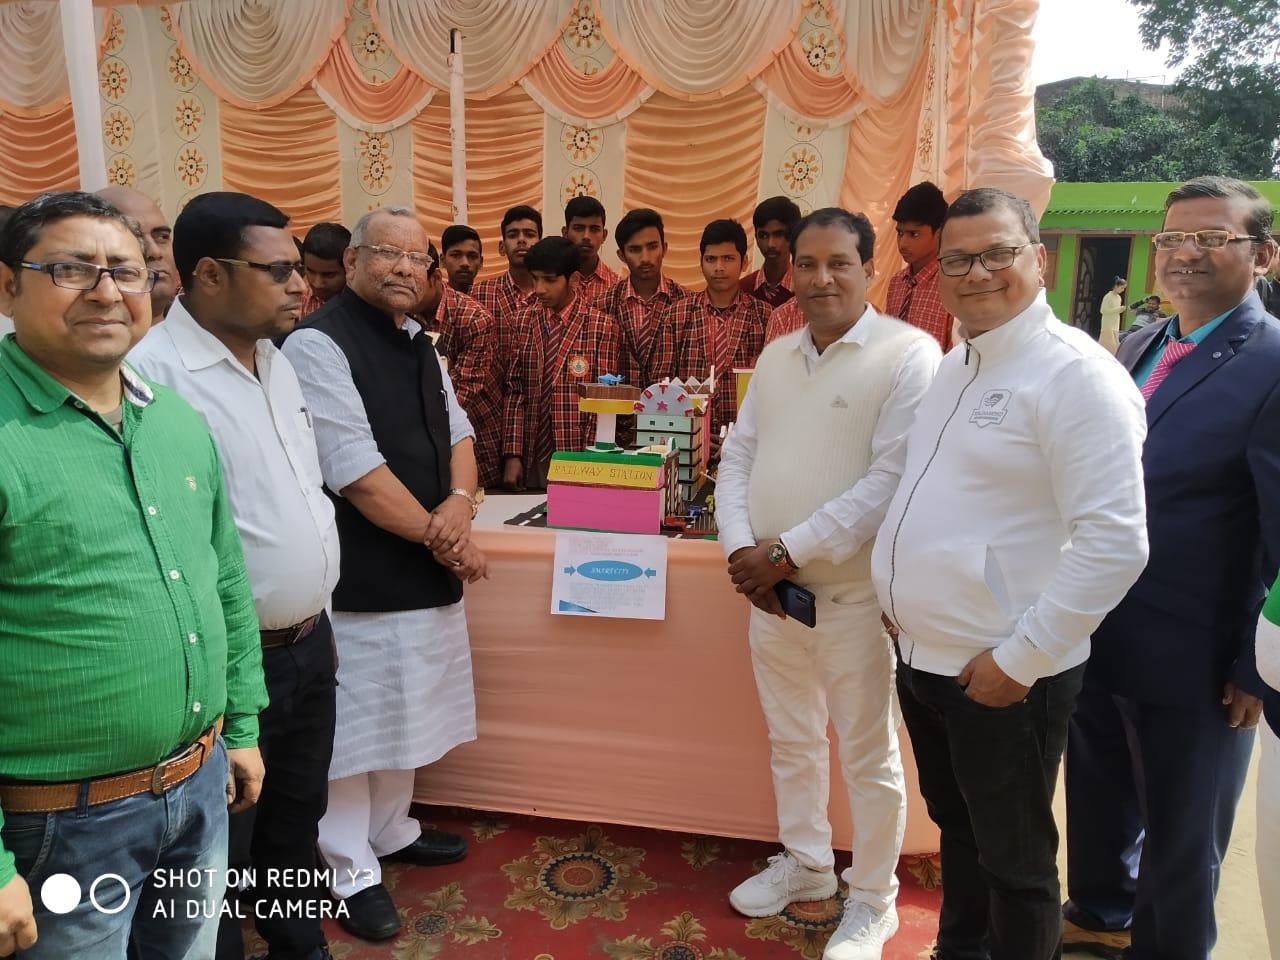 Jai Mala Shiksha Niketan: Science exhibition